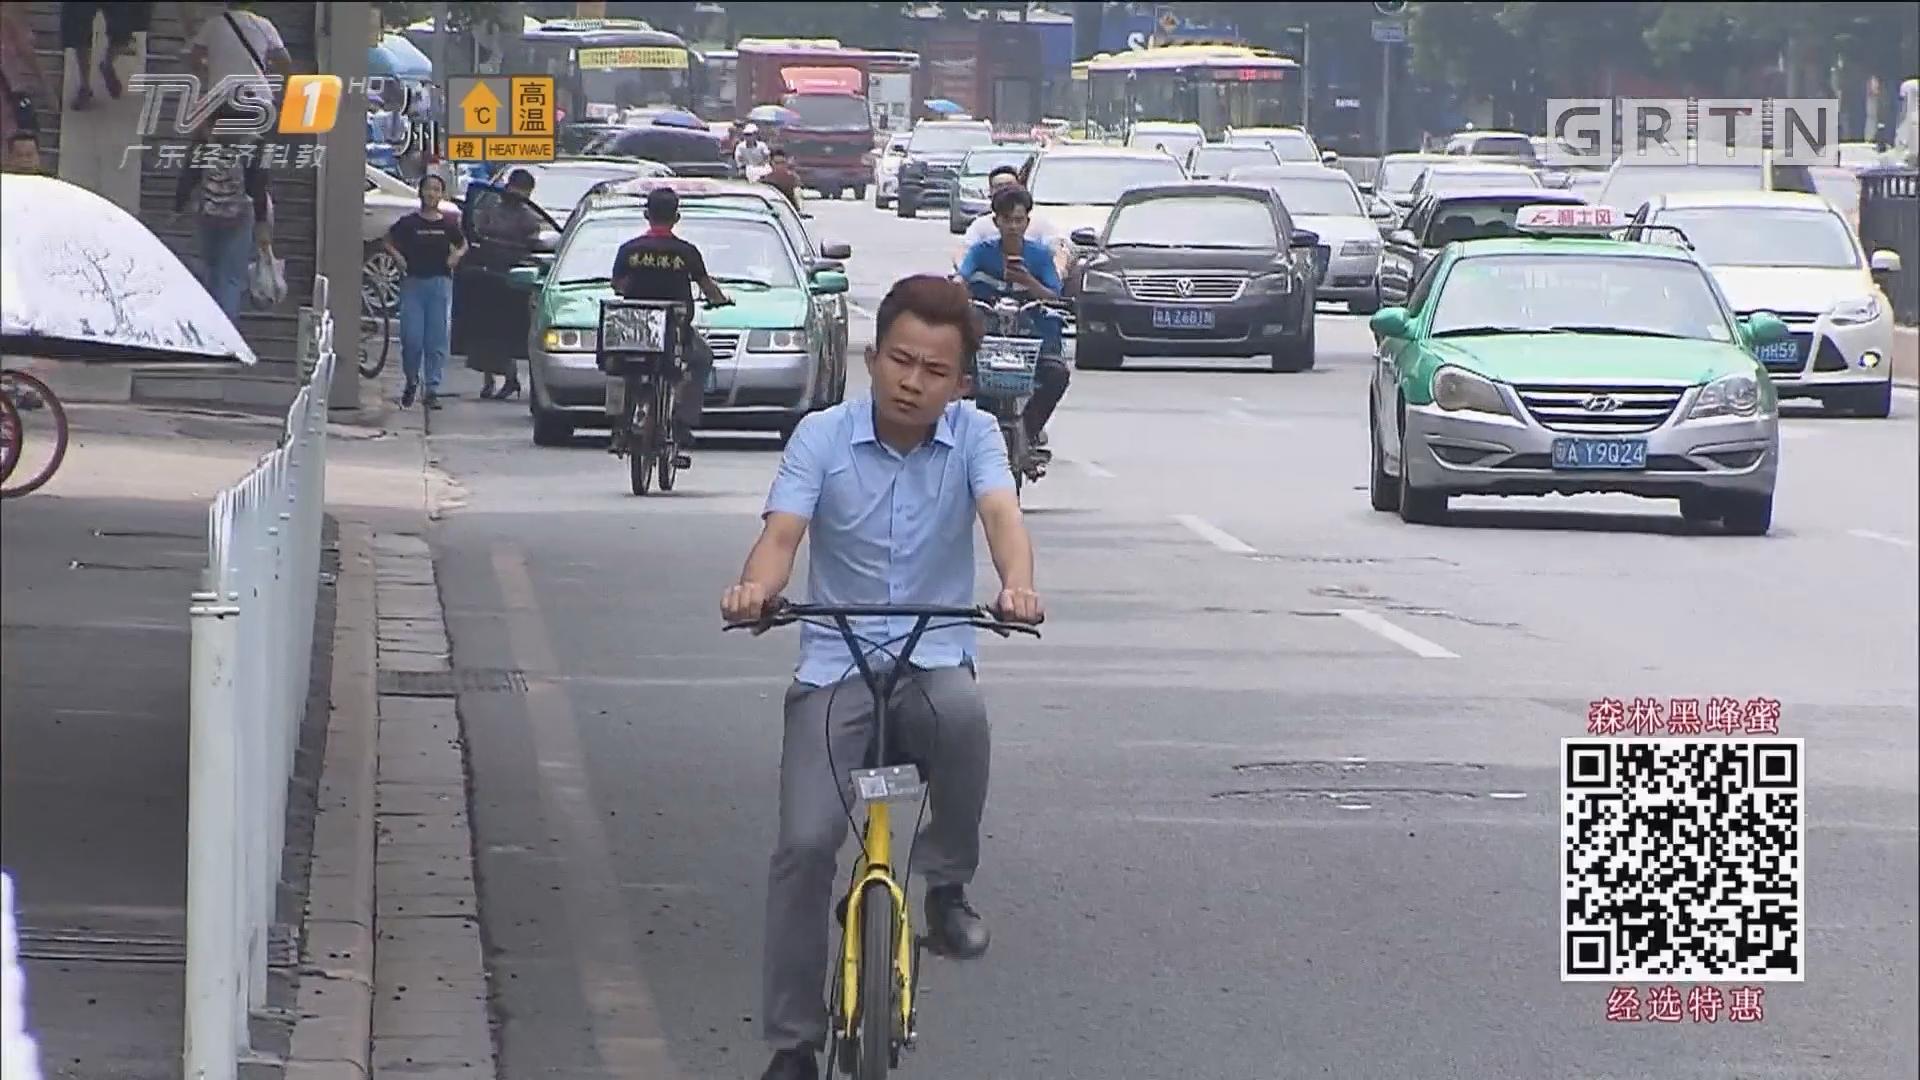 当共享单车与机动车争道 安全谁来保障